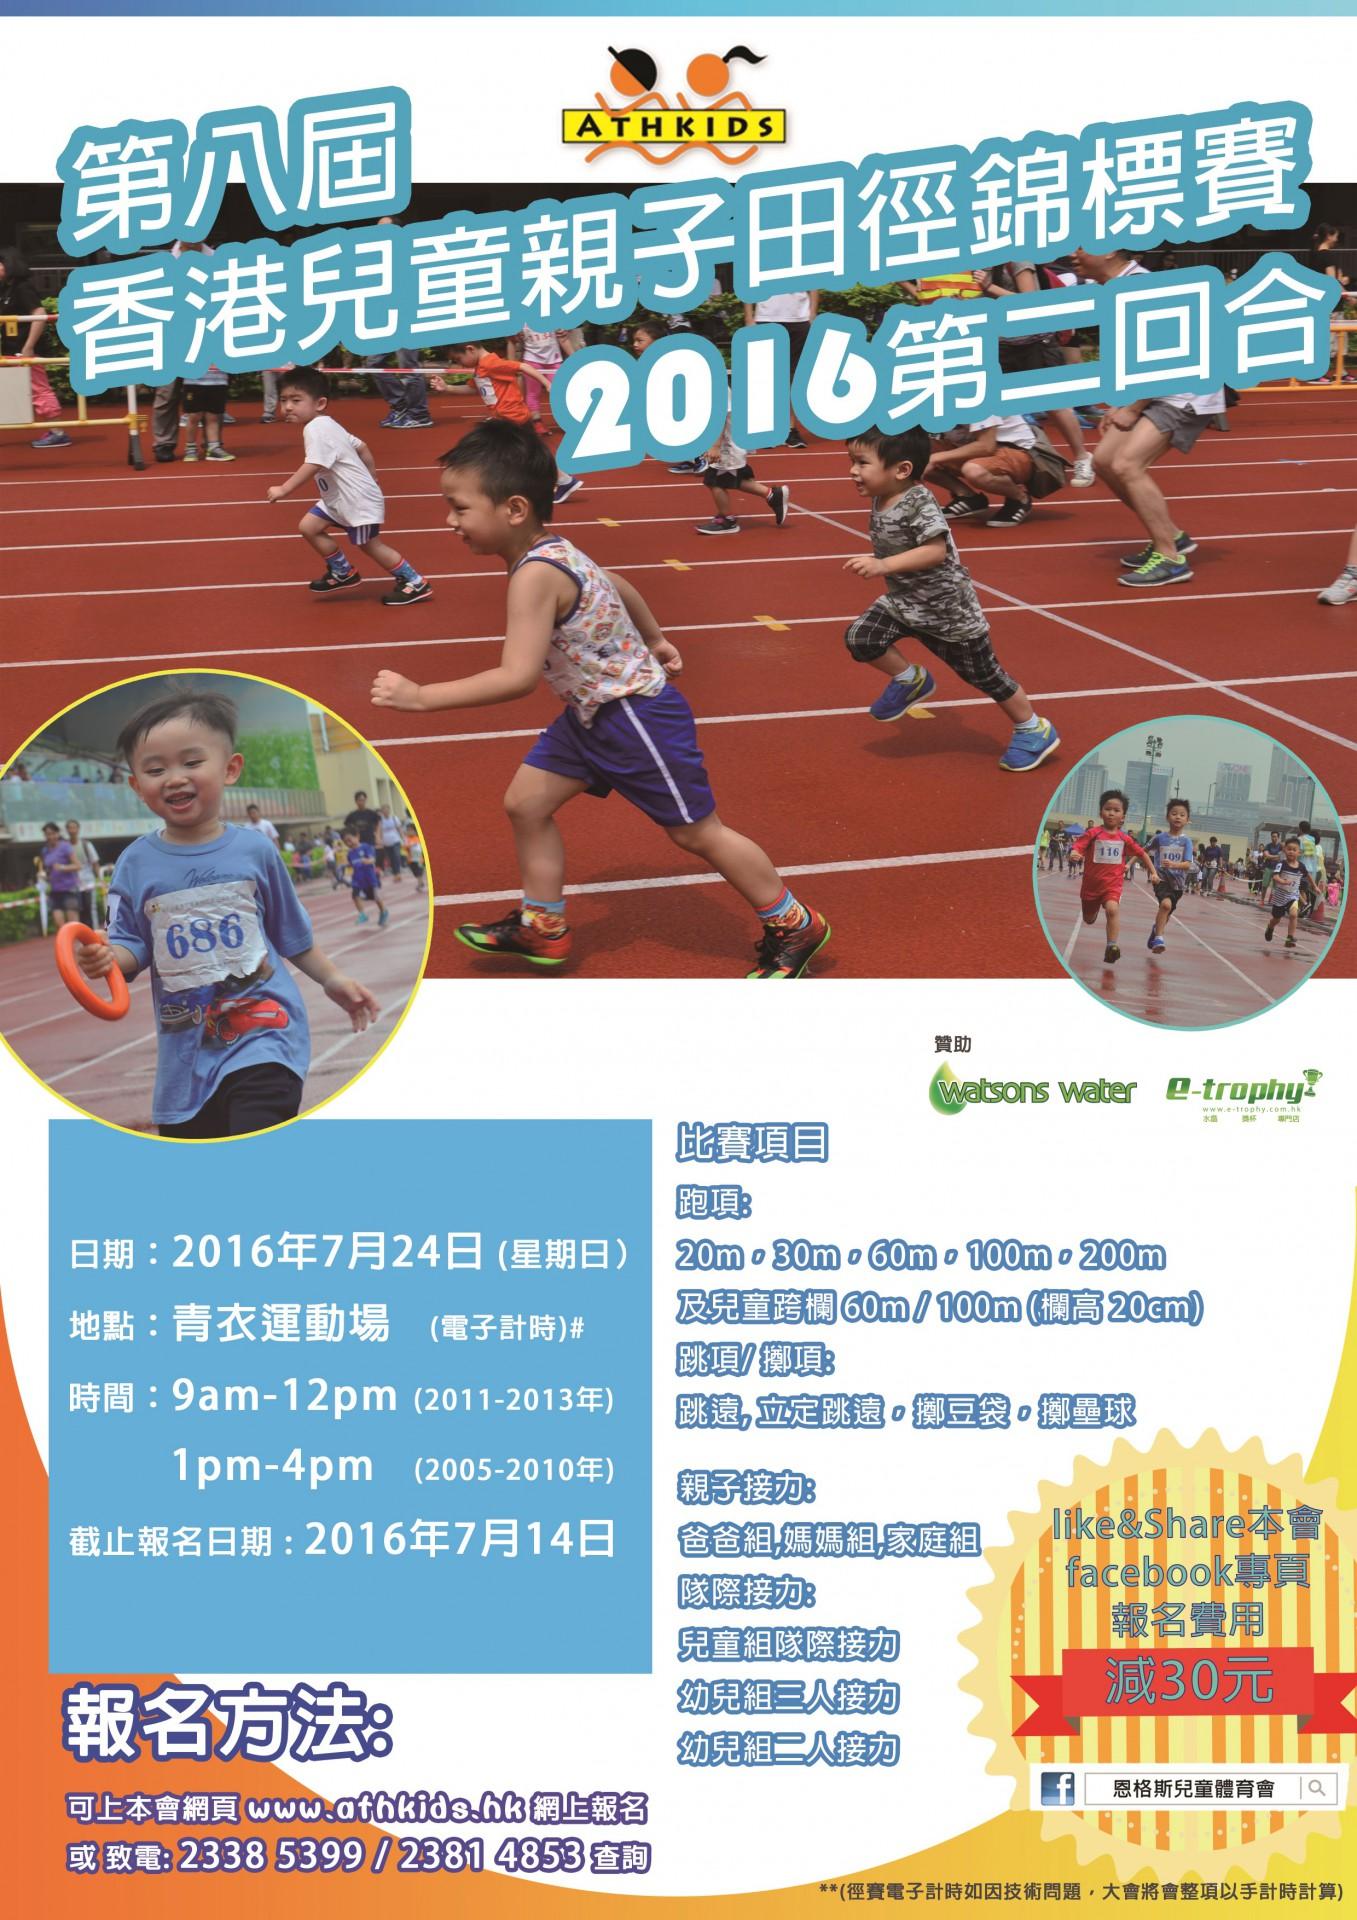 第八屆香港兒童親子田徑錦標賽2016第二回合